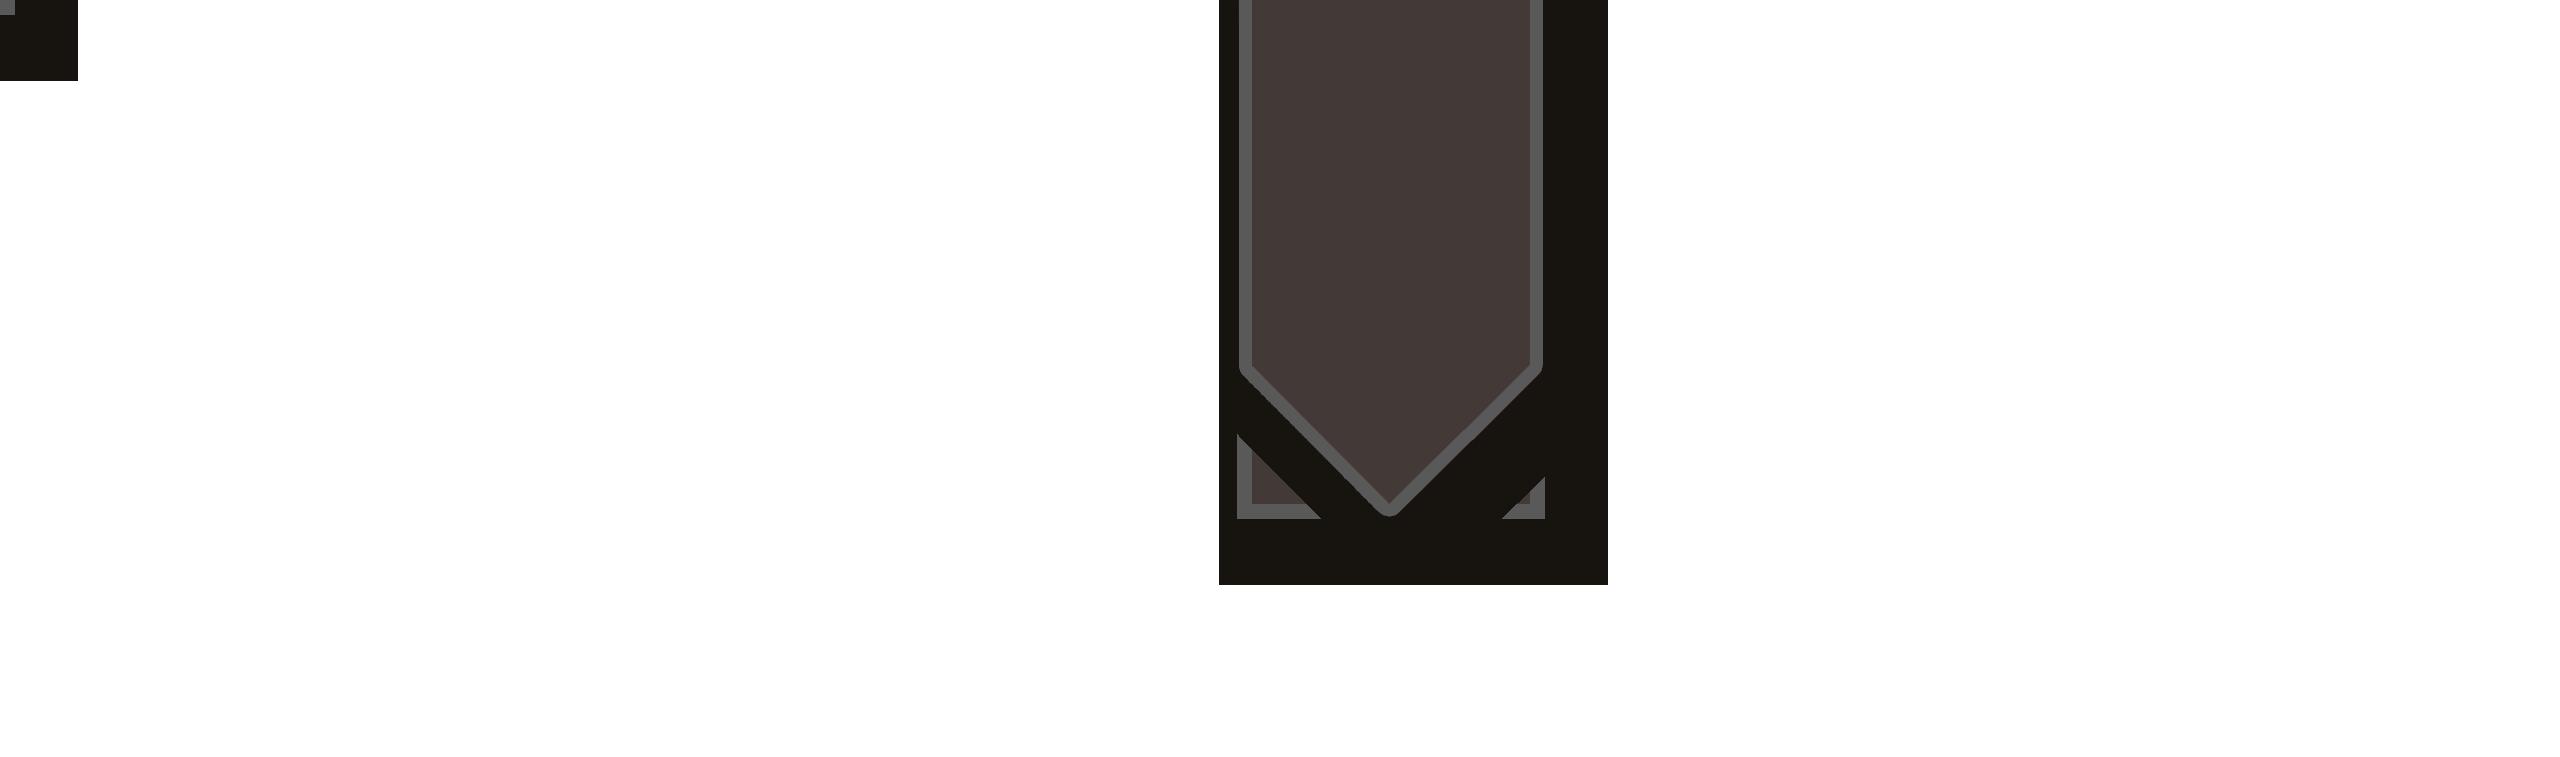 002 Schild